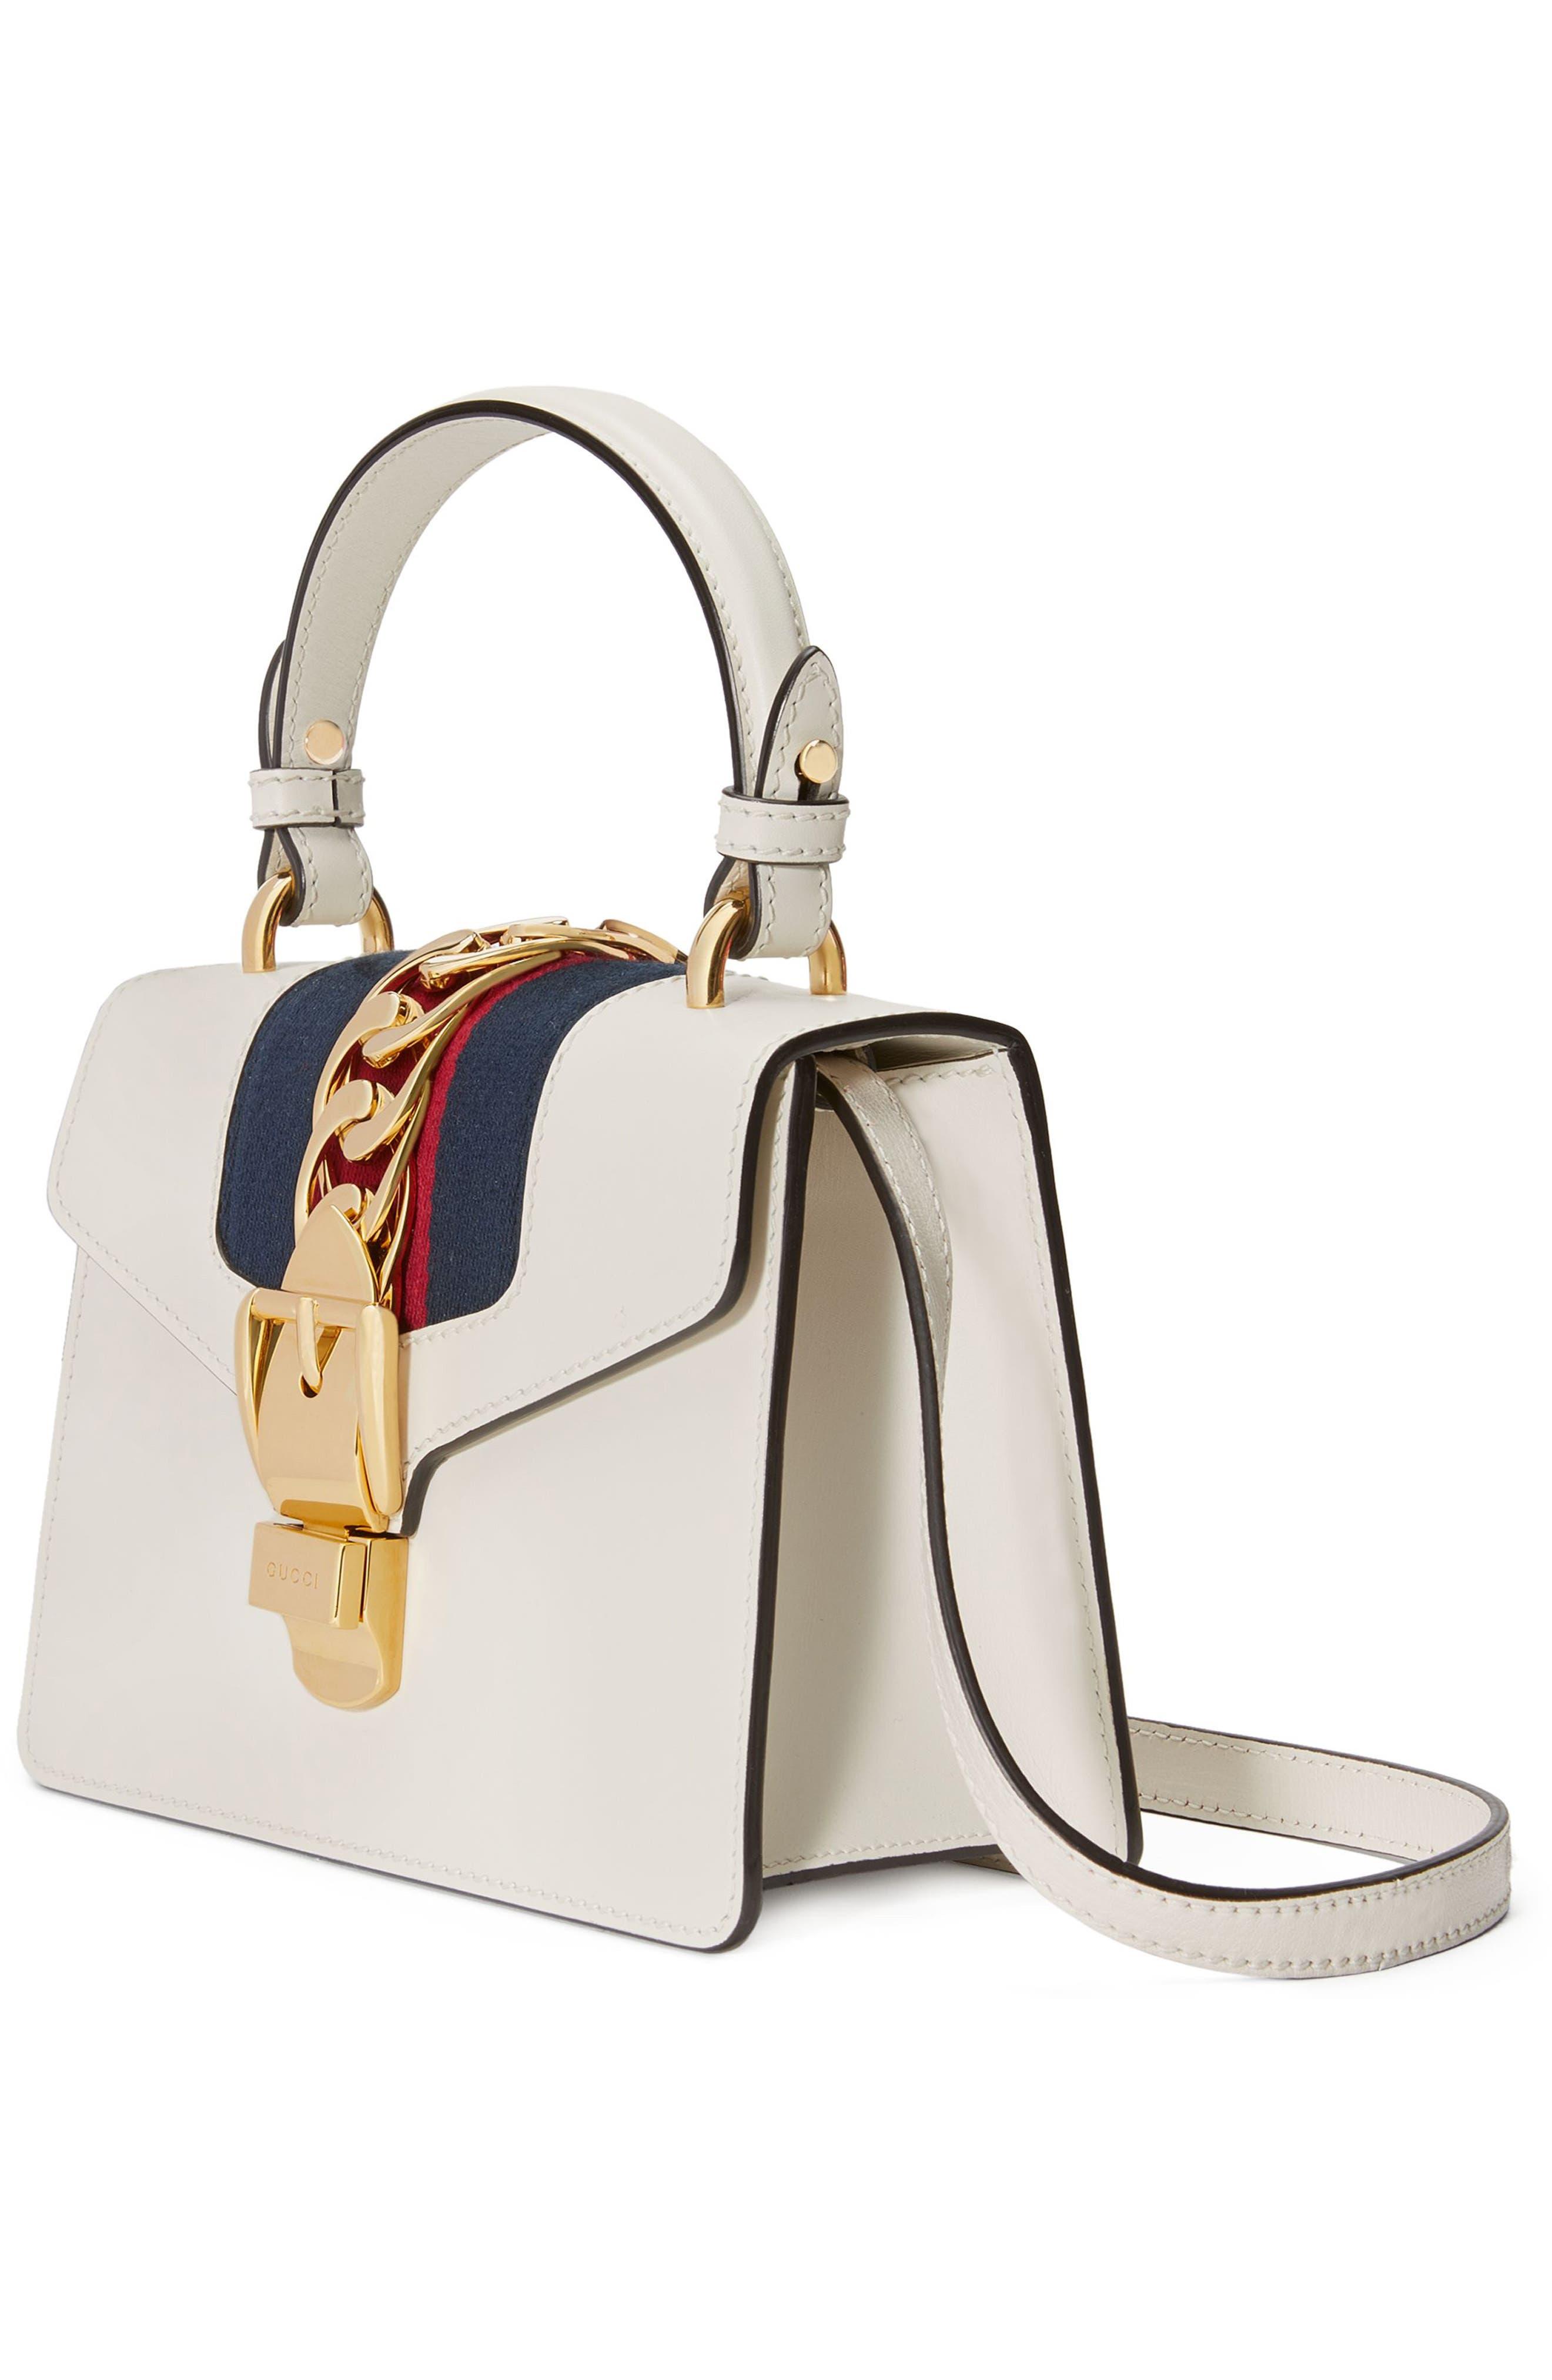 GUCCI, Mini Sylvie Top Handle Leather Shoulder Bag, Alternate thumbnail 4, color, MYSTIC WHITE